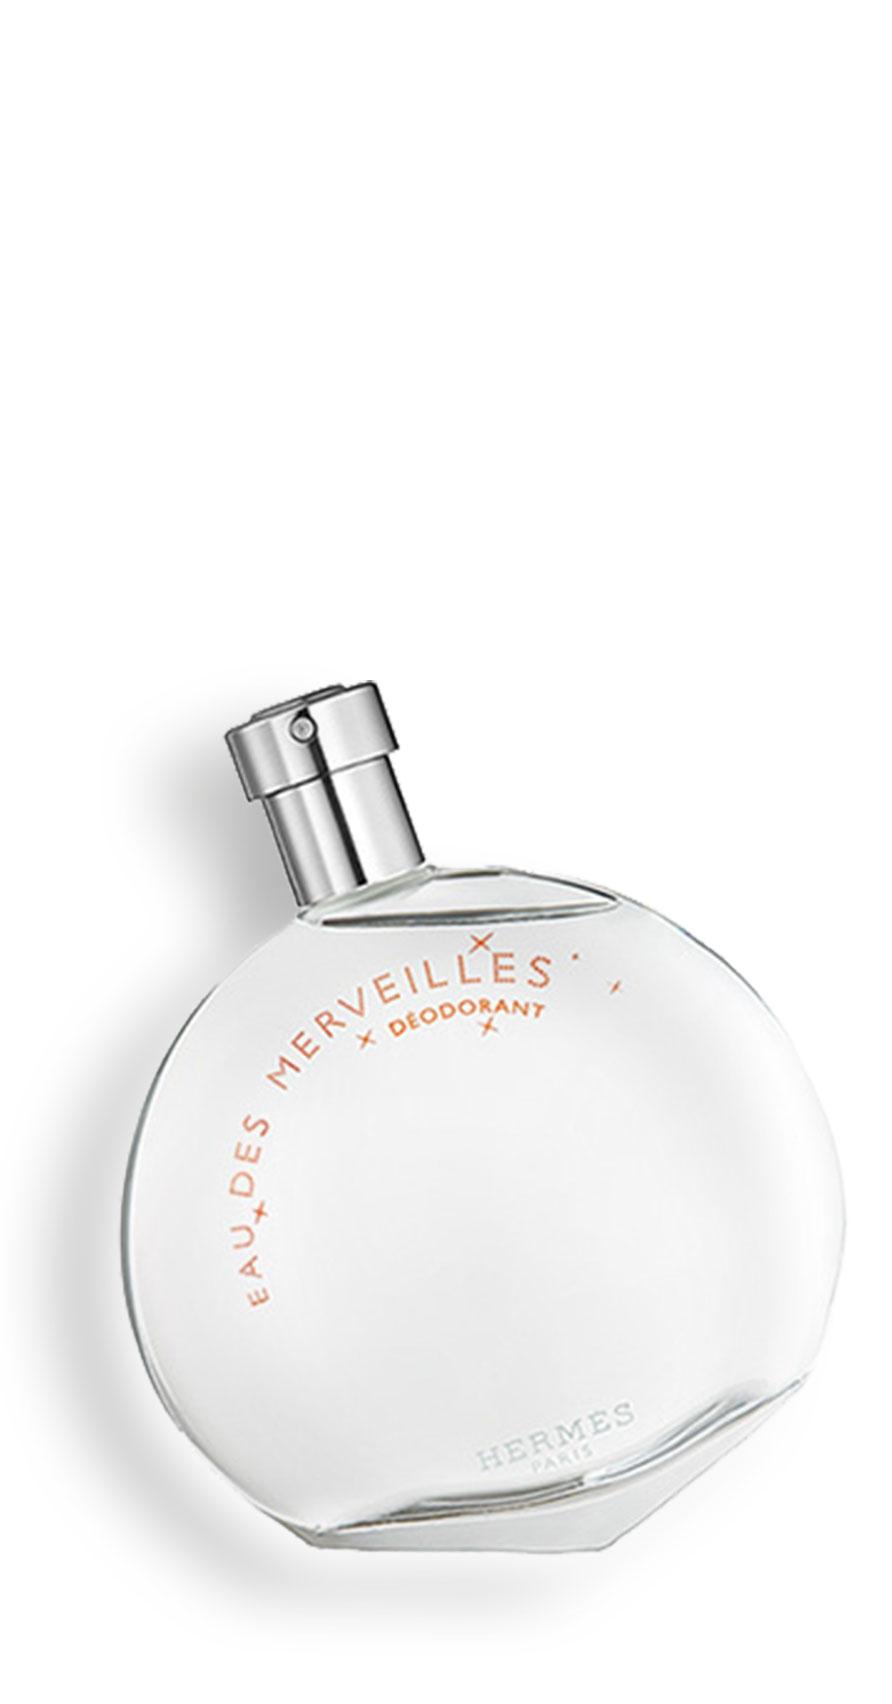 Hermès - Eau des merveilles - Déodorant 100 ml.